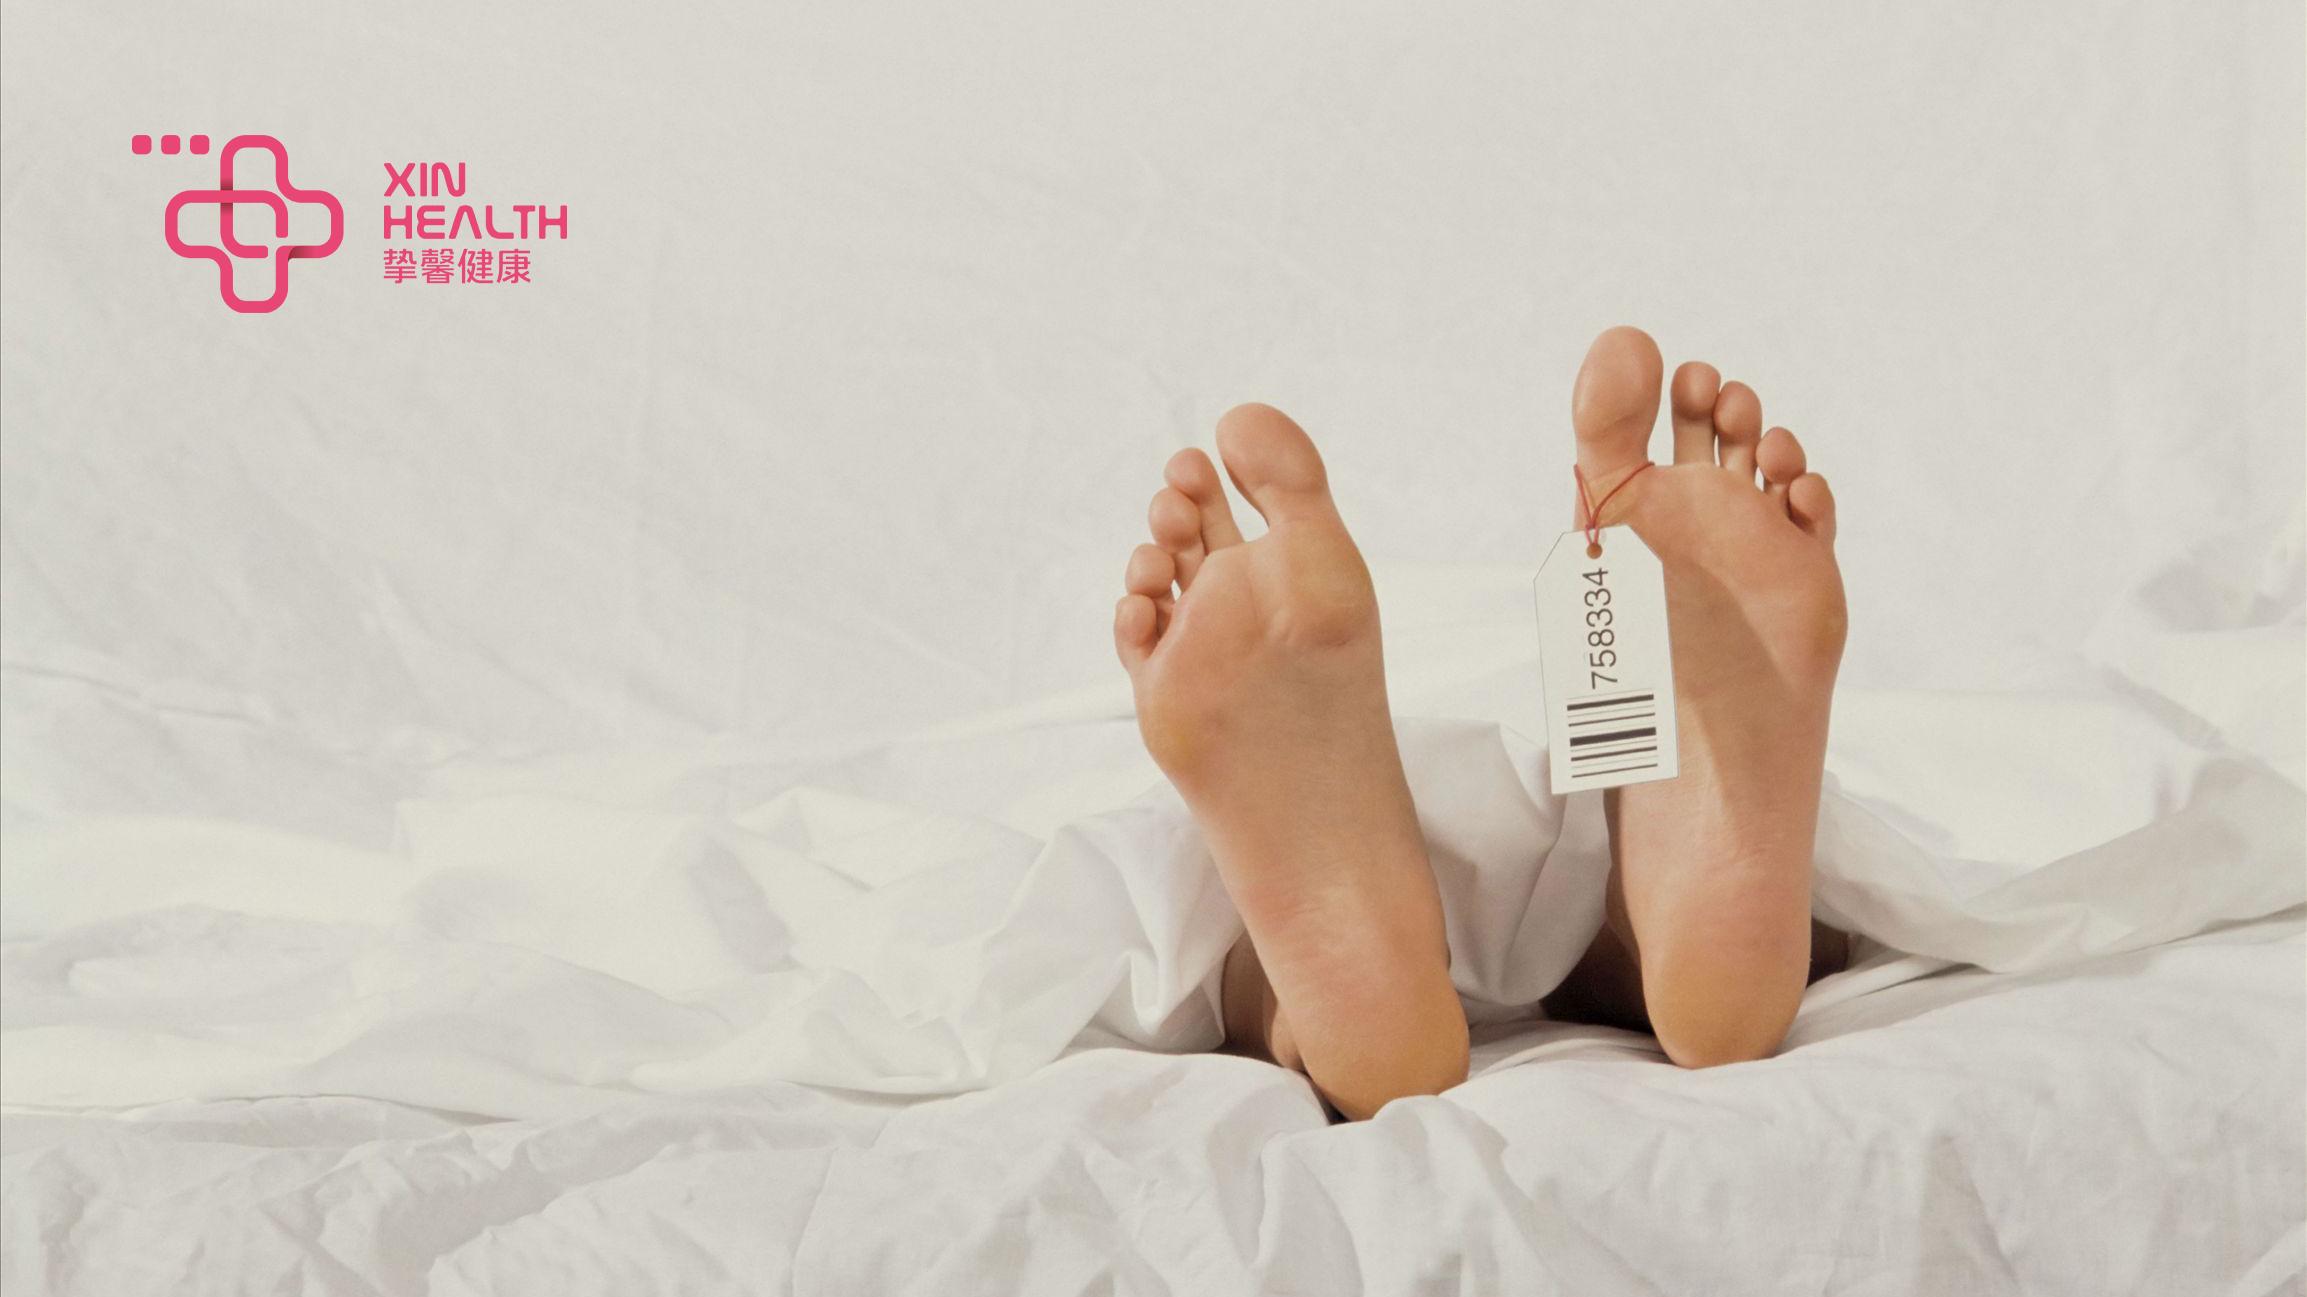 每年因癌症去世的人接近900万